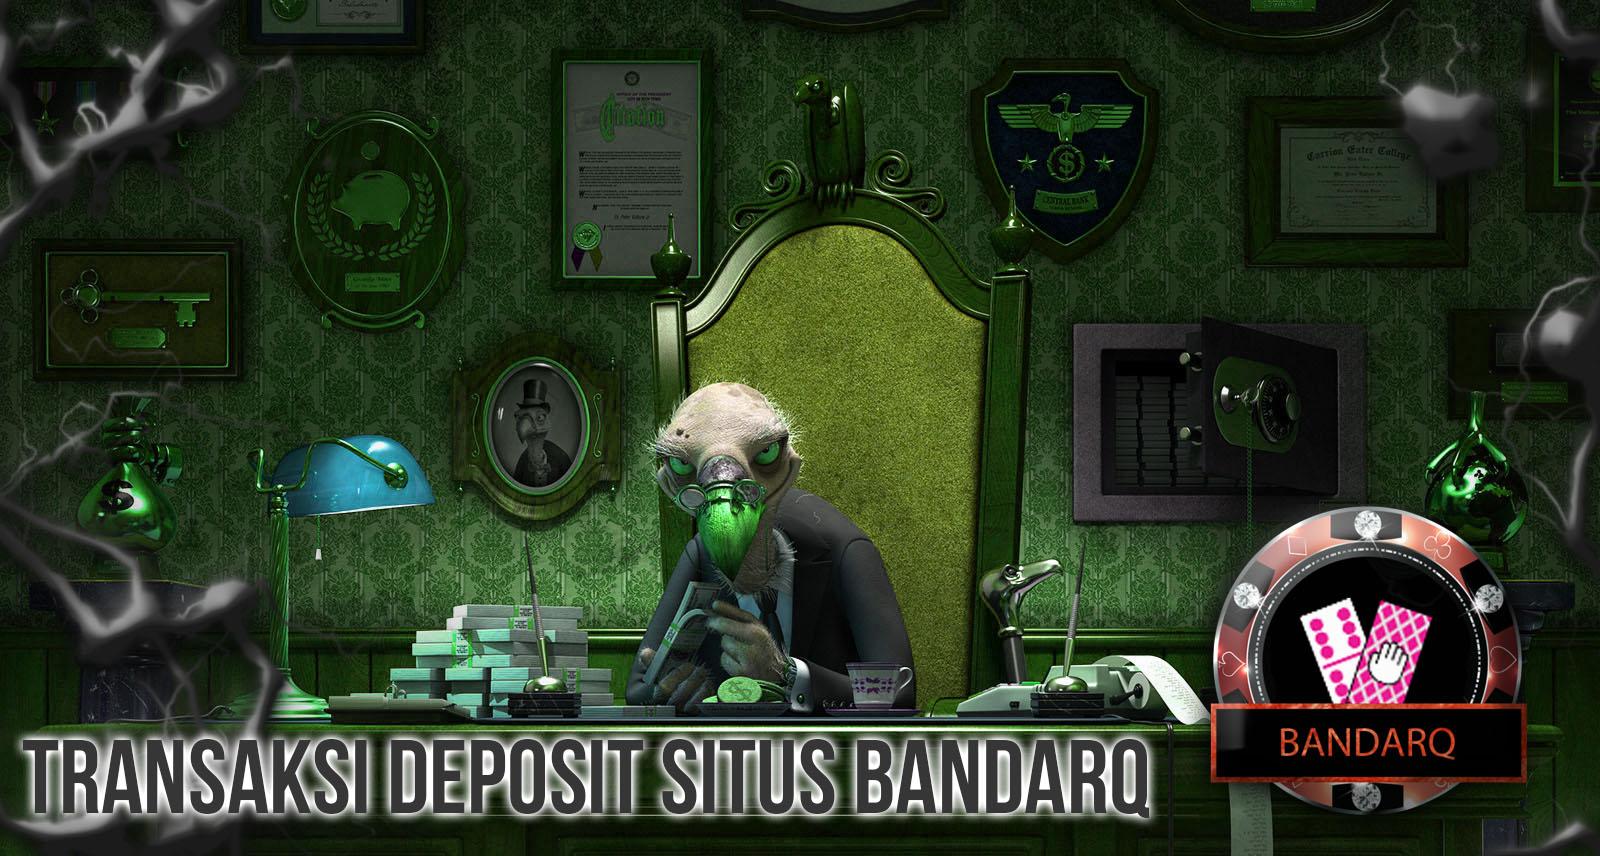 Transaksi Deposit Situs Judi Bandarq